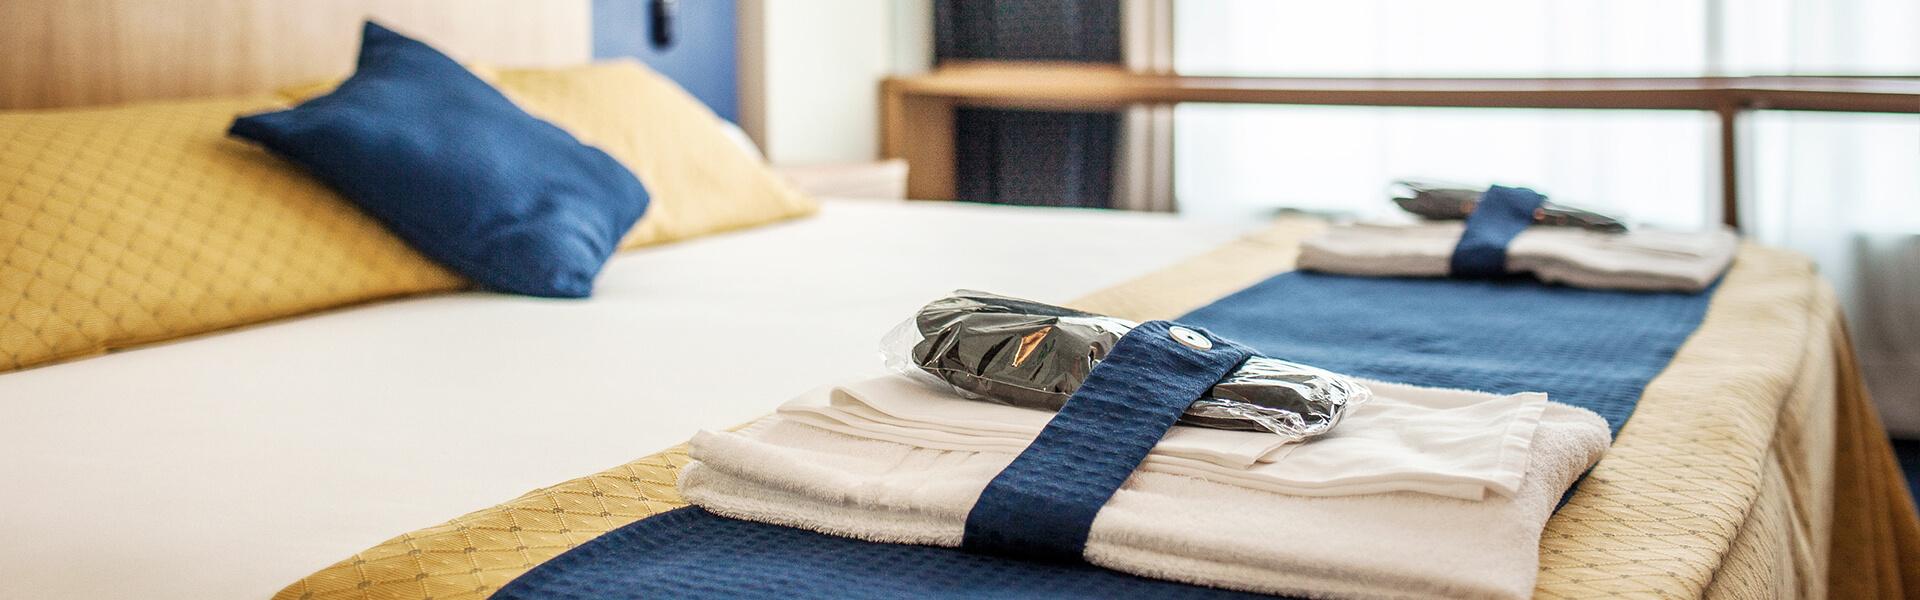 Hotel Mastai Senigallia camere spaziose e per disabili